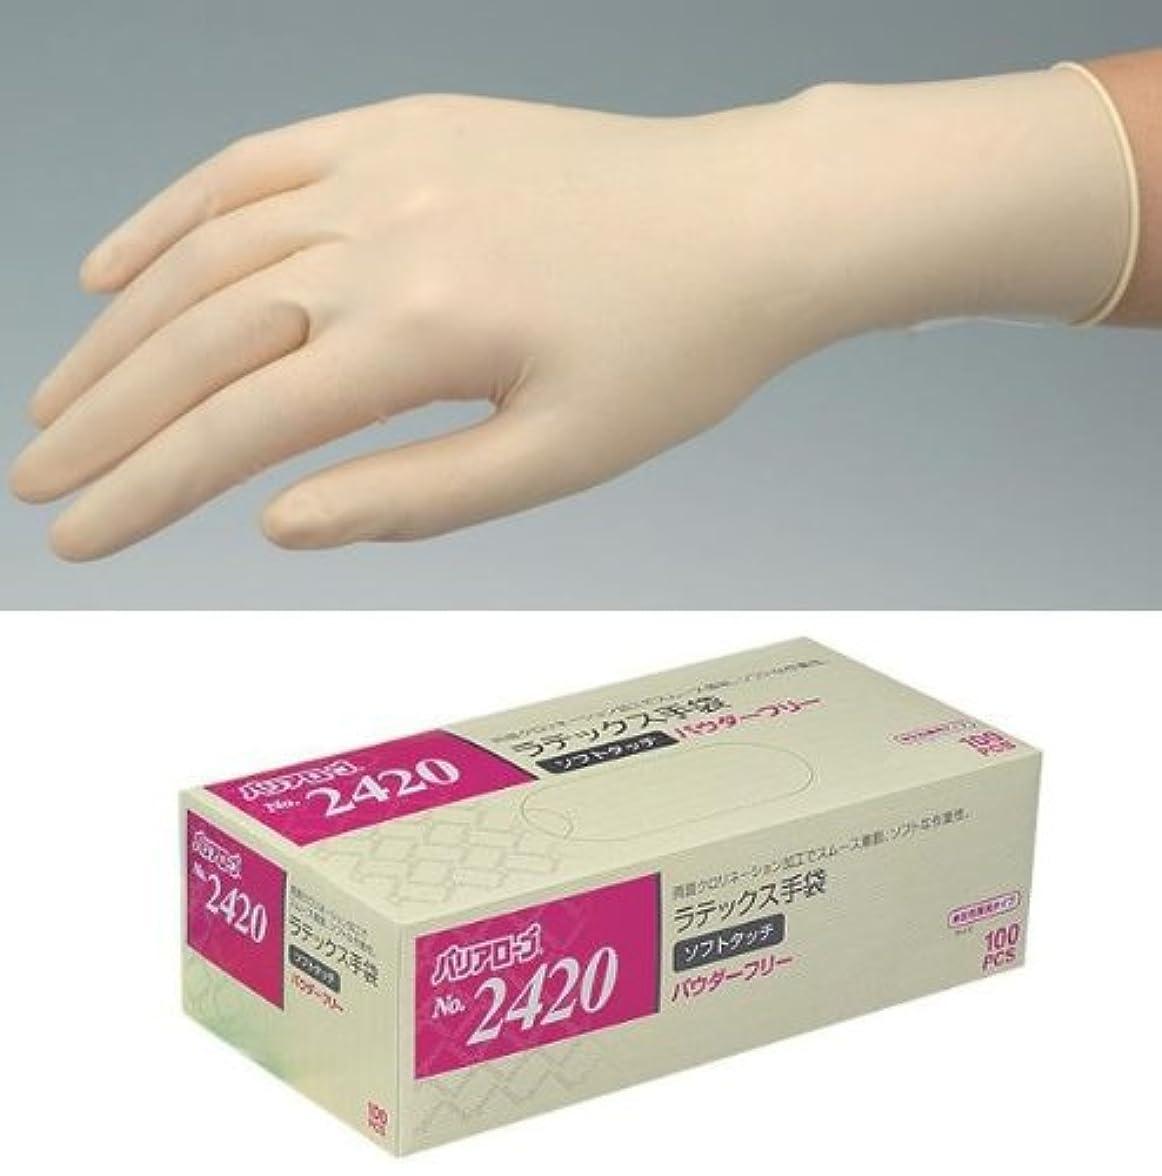 アジア人足音ヒステリックバリアローブ ラテックス手袋 ソフトタッチPF(左右兼用) 100枚×20箱 NO.2420   M